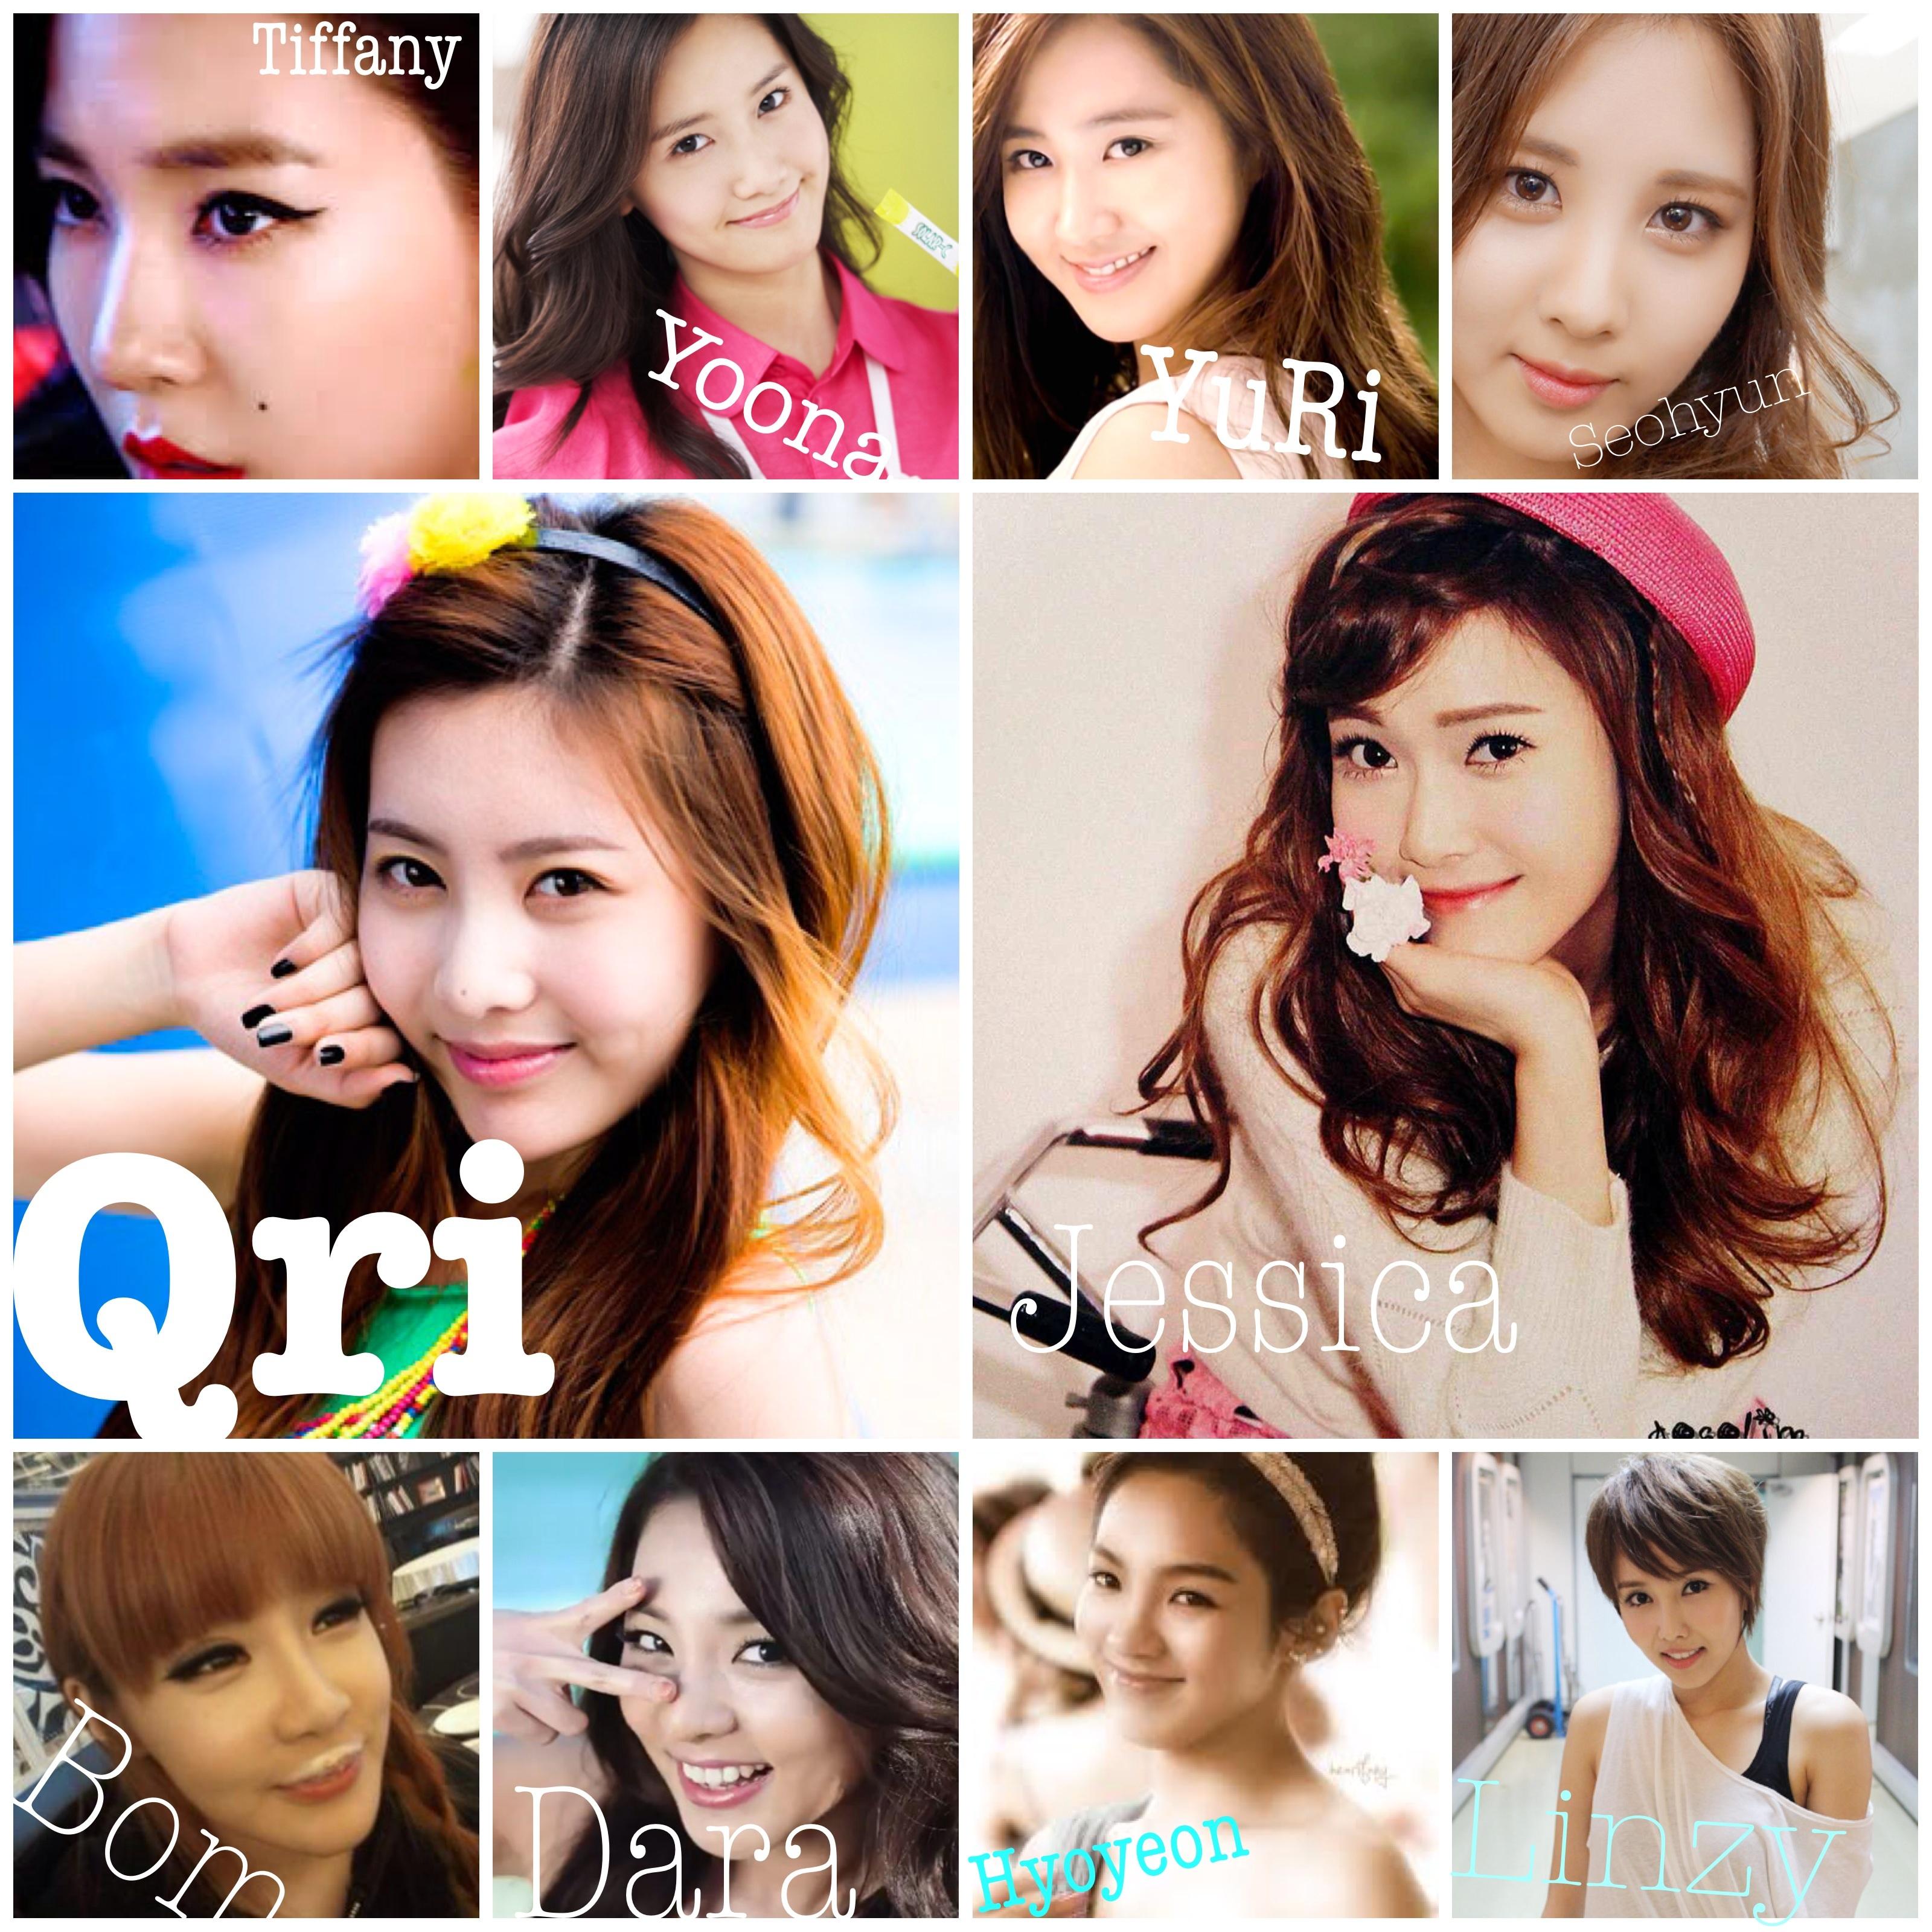 Kpop Girl Group Names